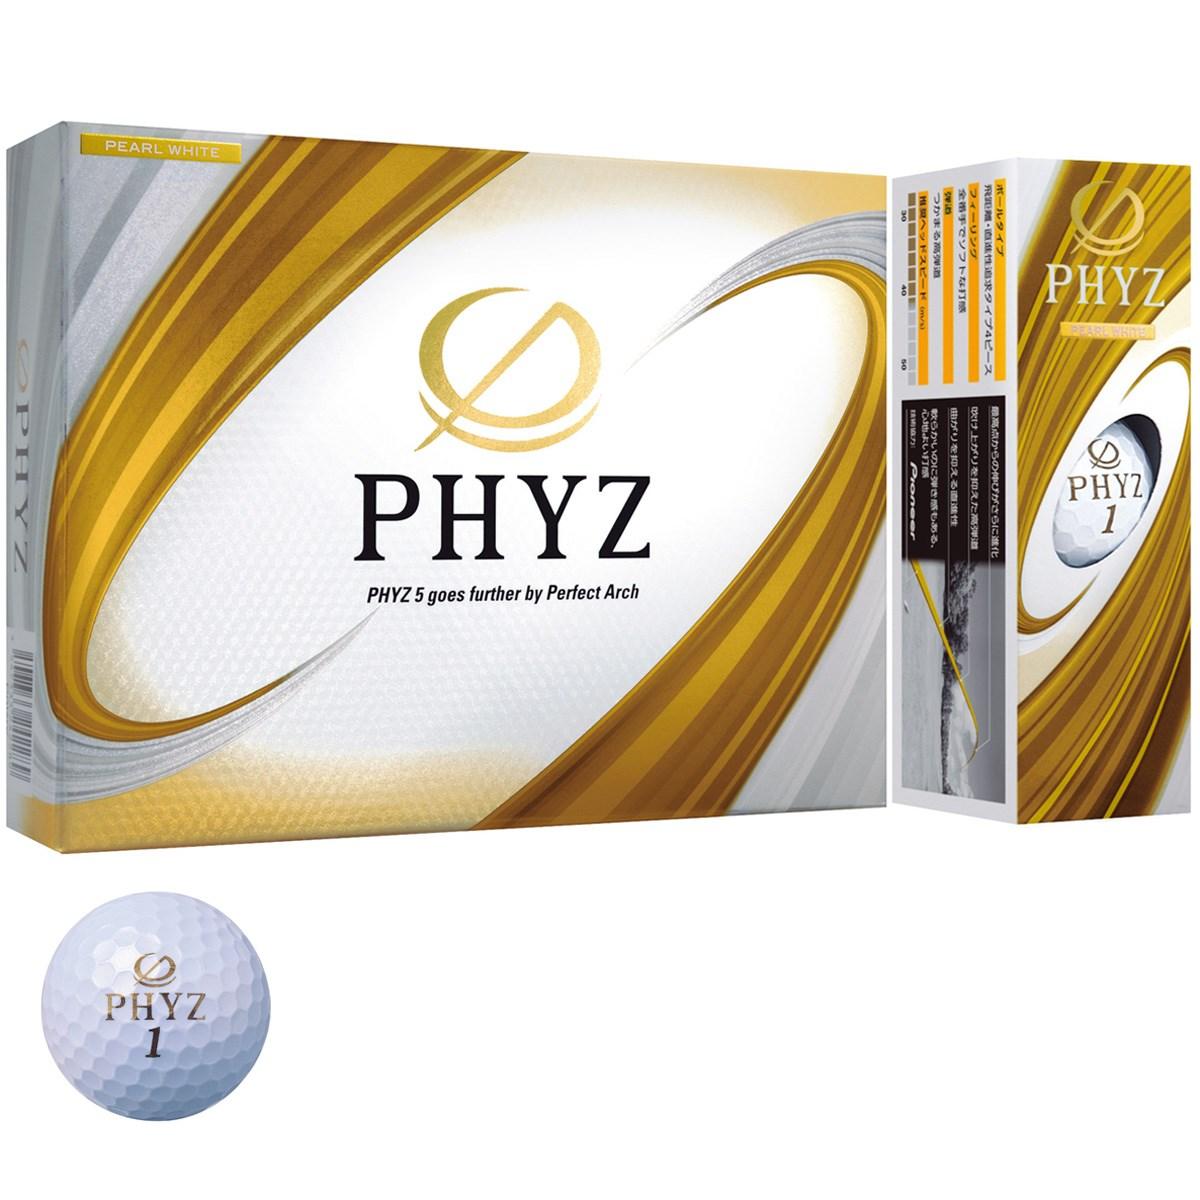 ブリヂストン PHYZ PHYZ ボール 1ダース(12個入り) パールホワイト